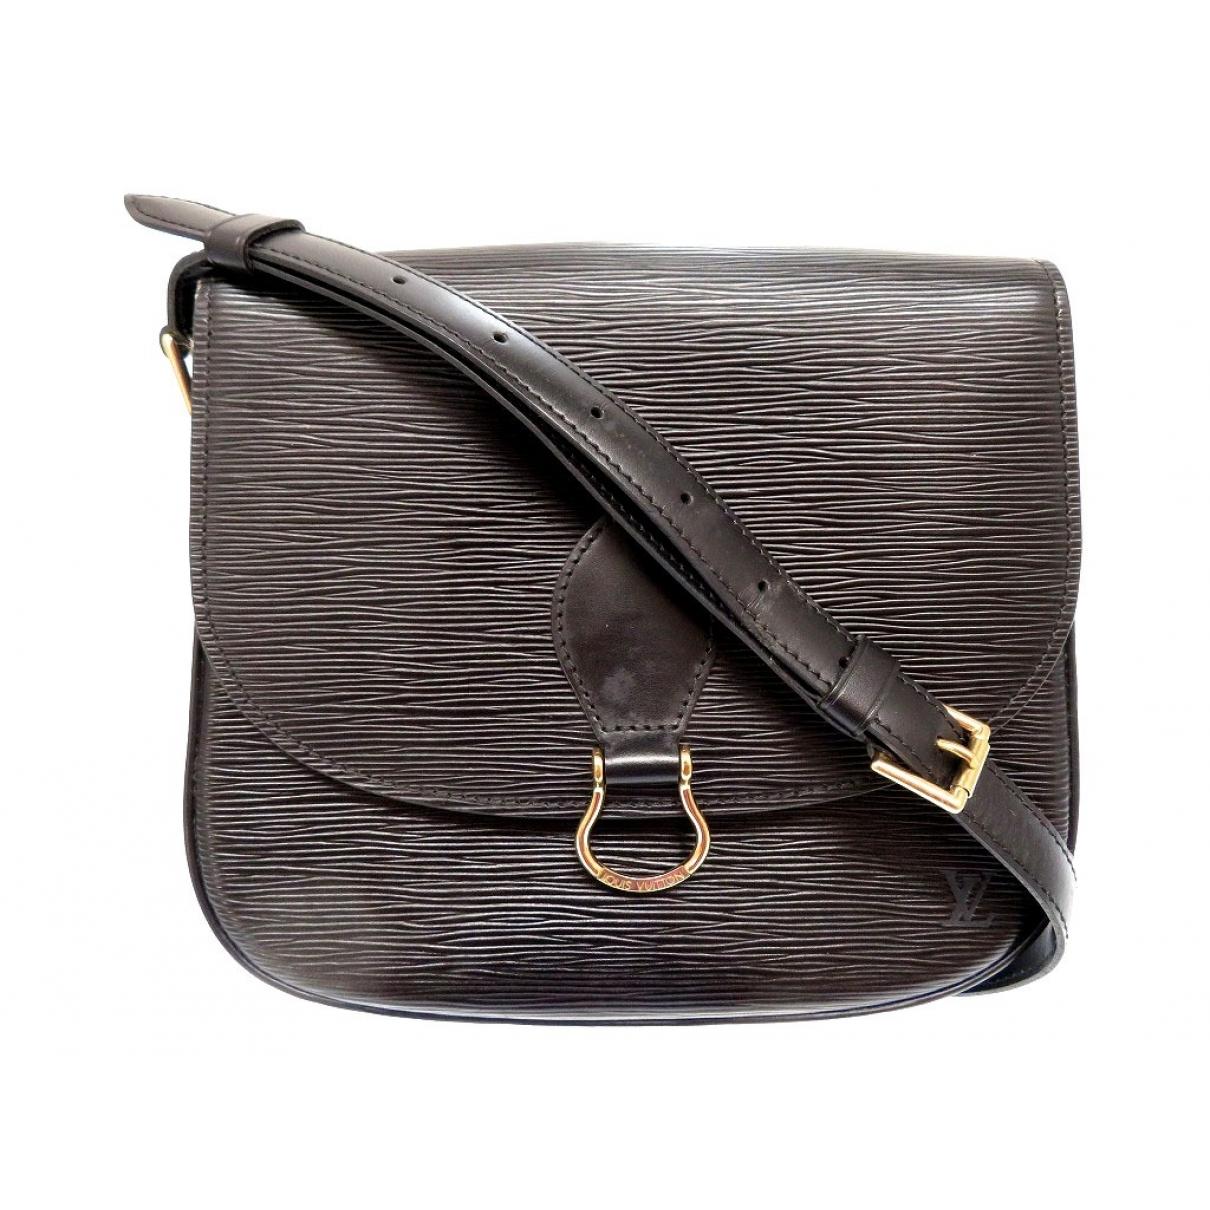 Bolso  Saint Cloud vintage de Cuero Louis Vuitton